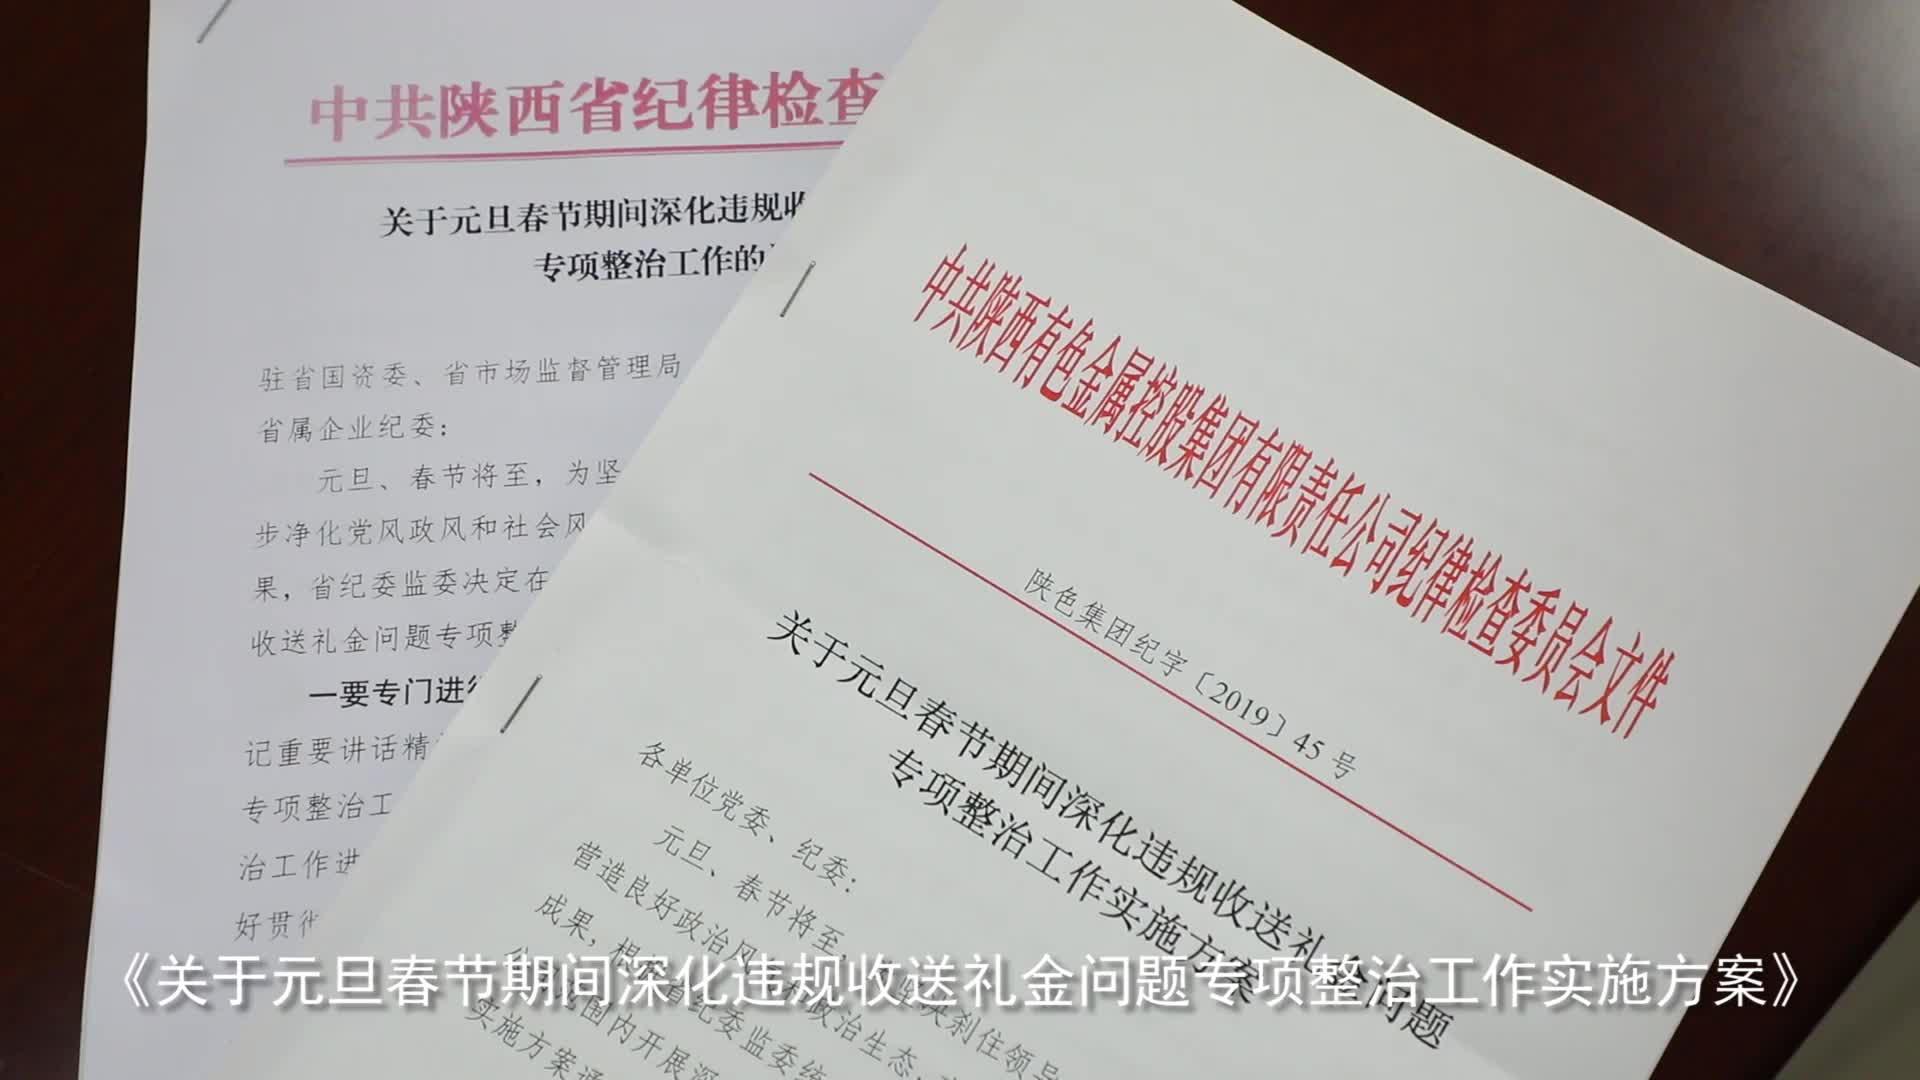 视频微访谈 | 陕西有色集团党委书记马宝平谈深化违规收送礼金问题专项整治